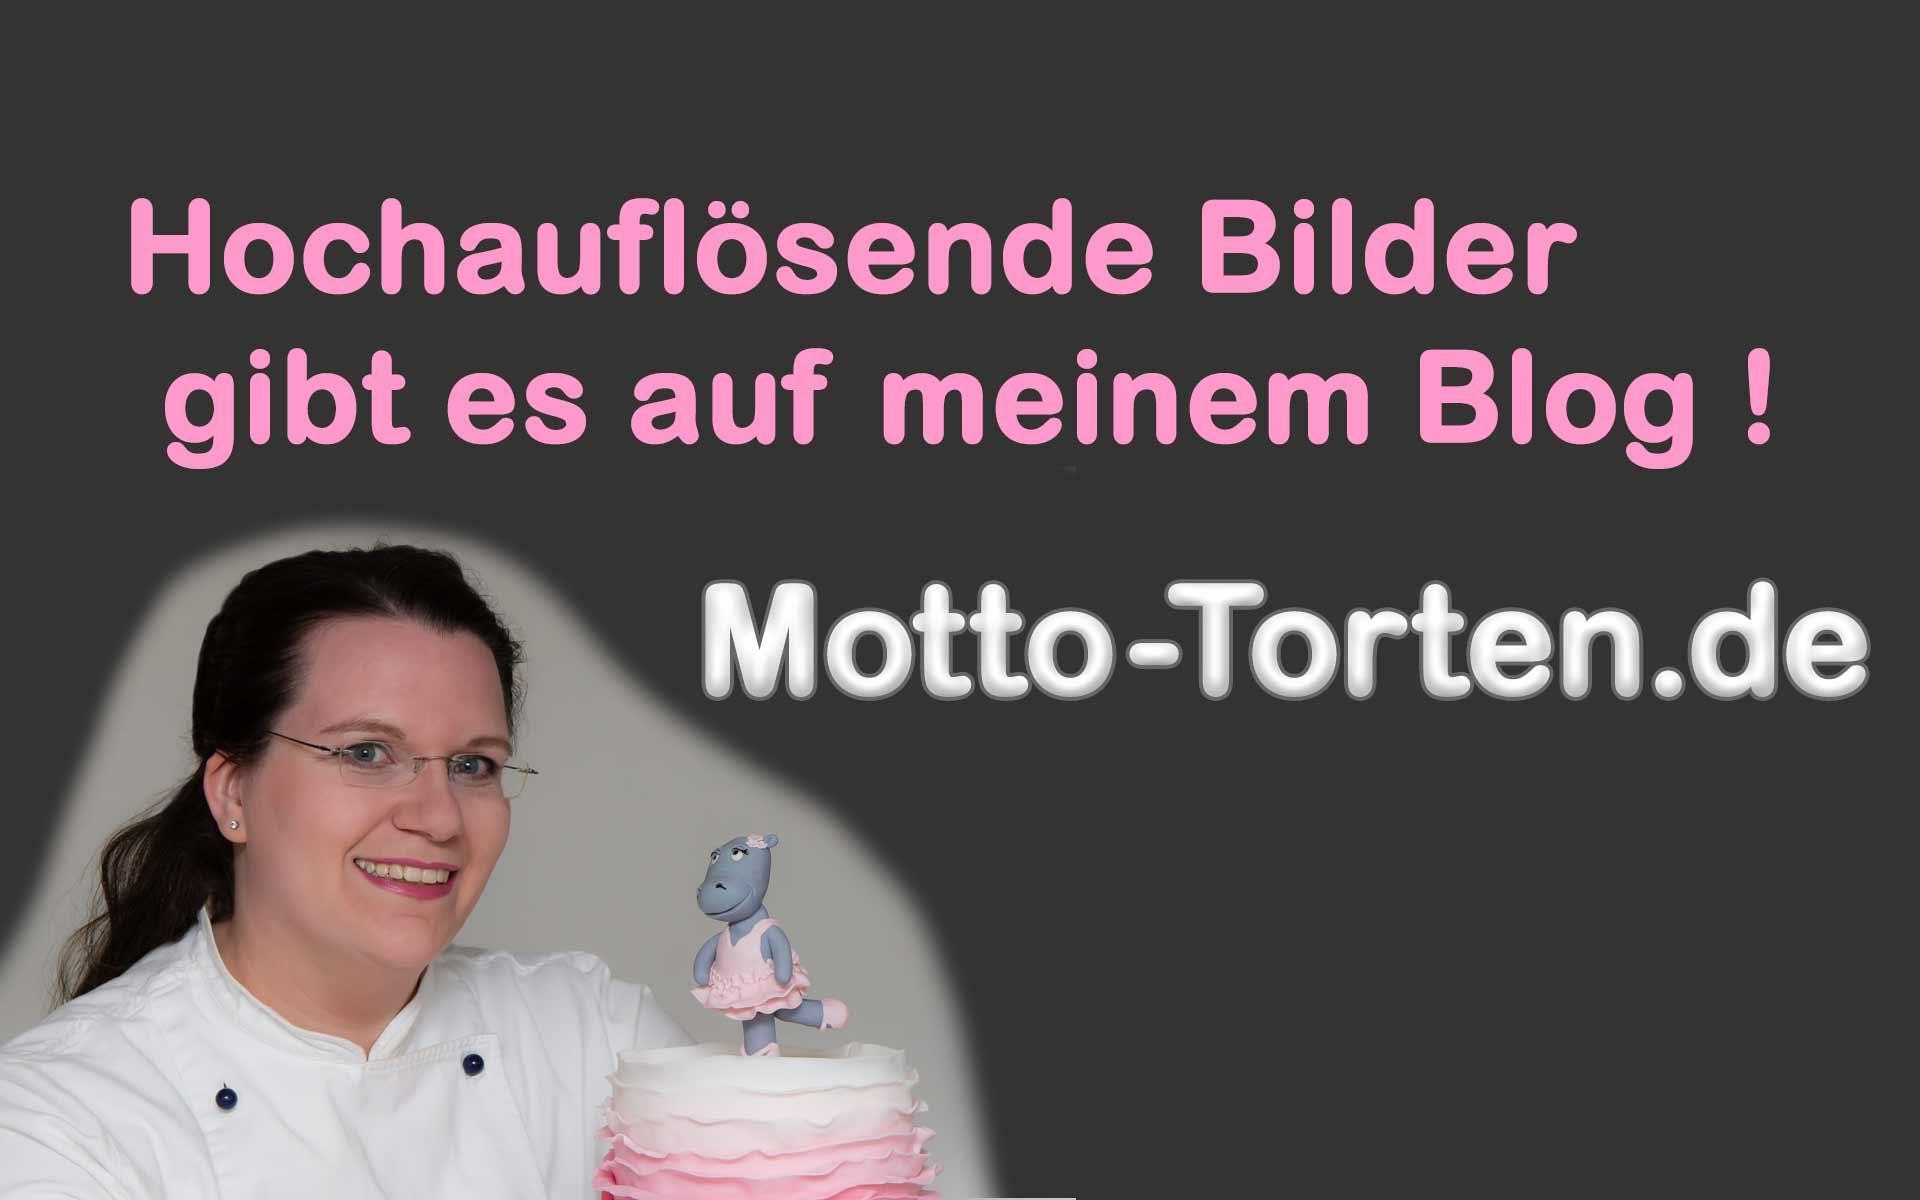 Geburtstagstorte zum 18 Geburtstag mit Eule  MottoTortende